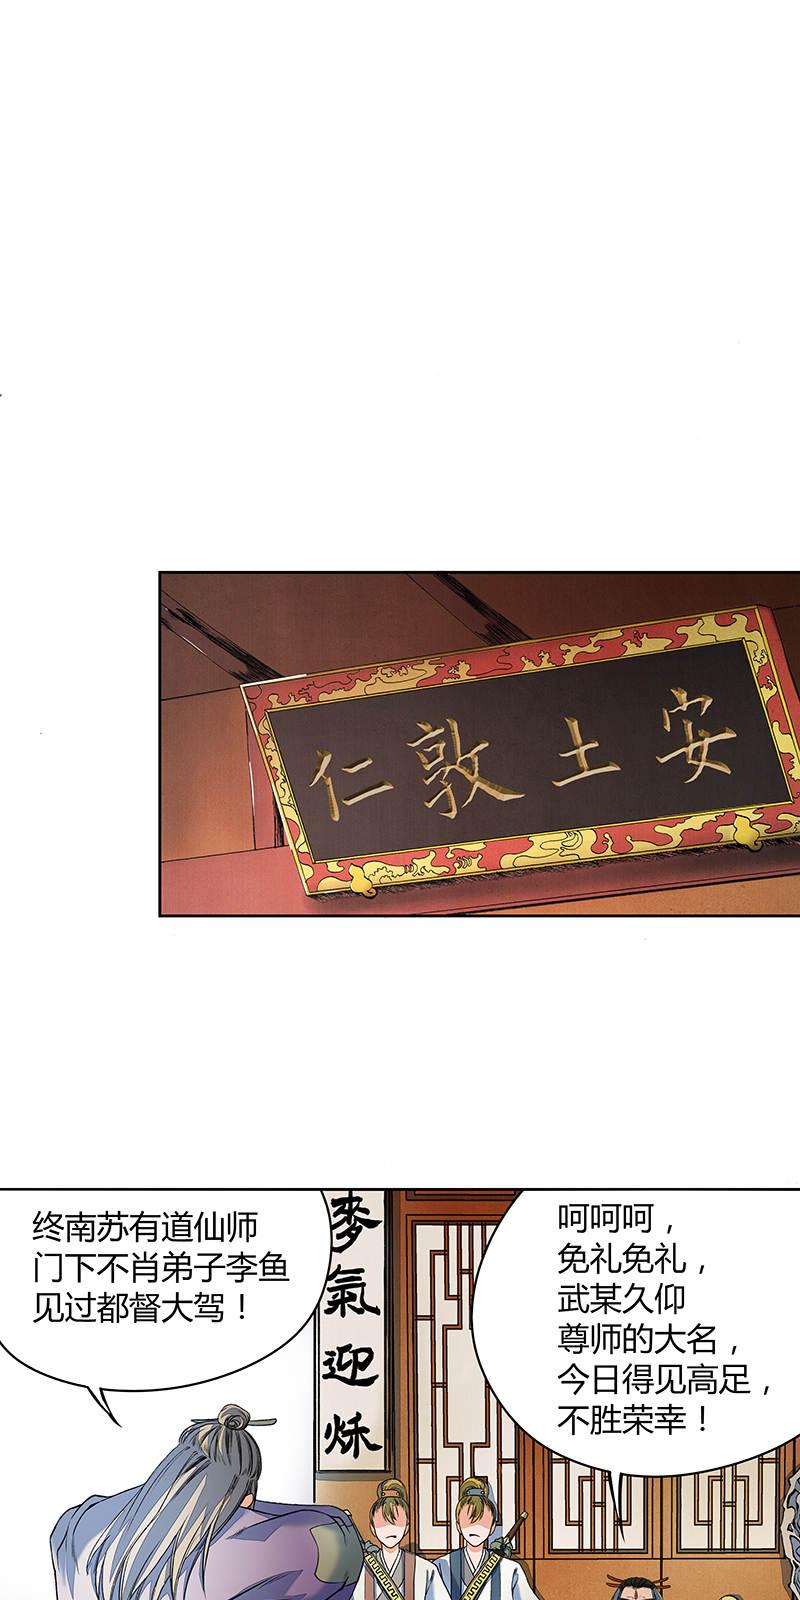 逍遥游第28话  武府堂前充神算 第 10